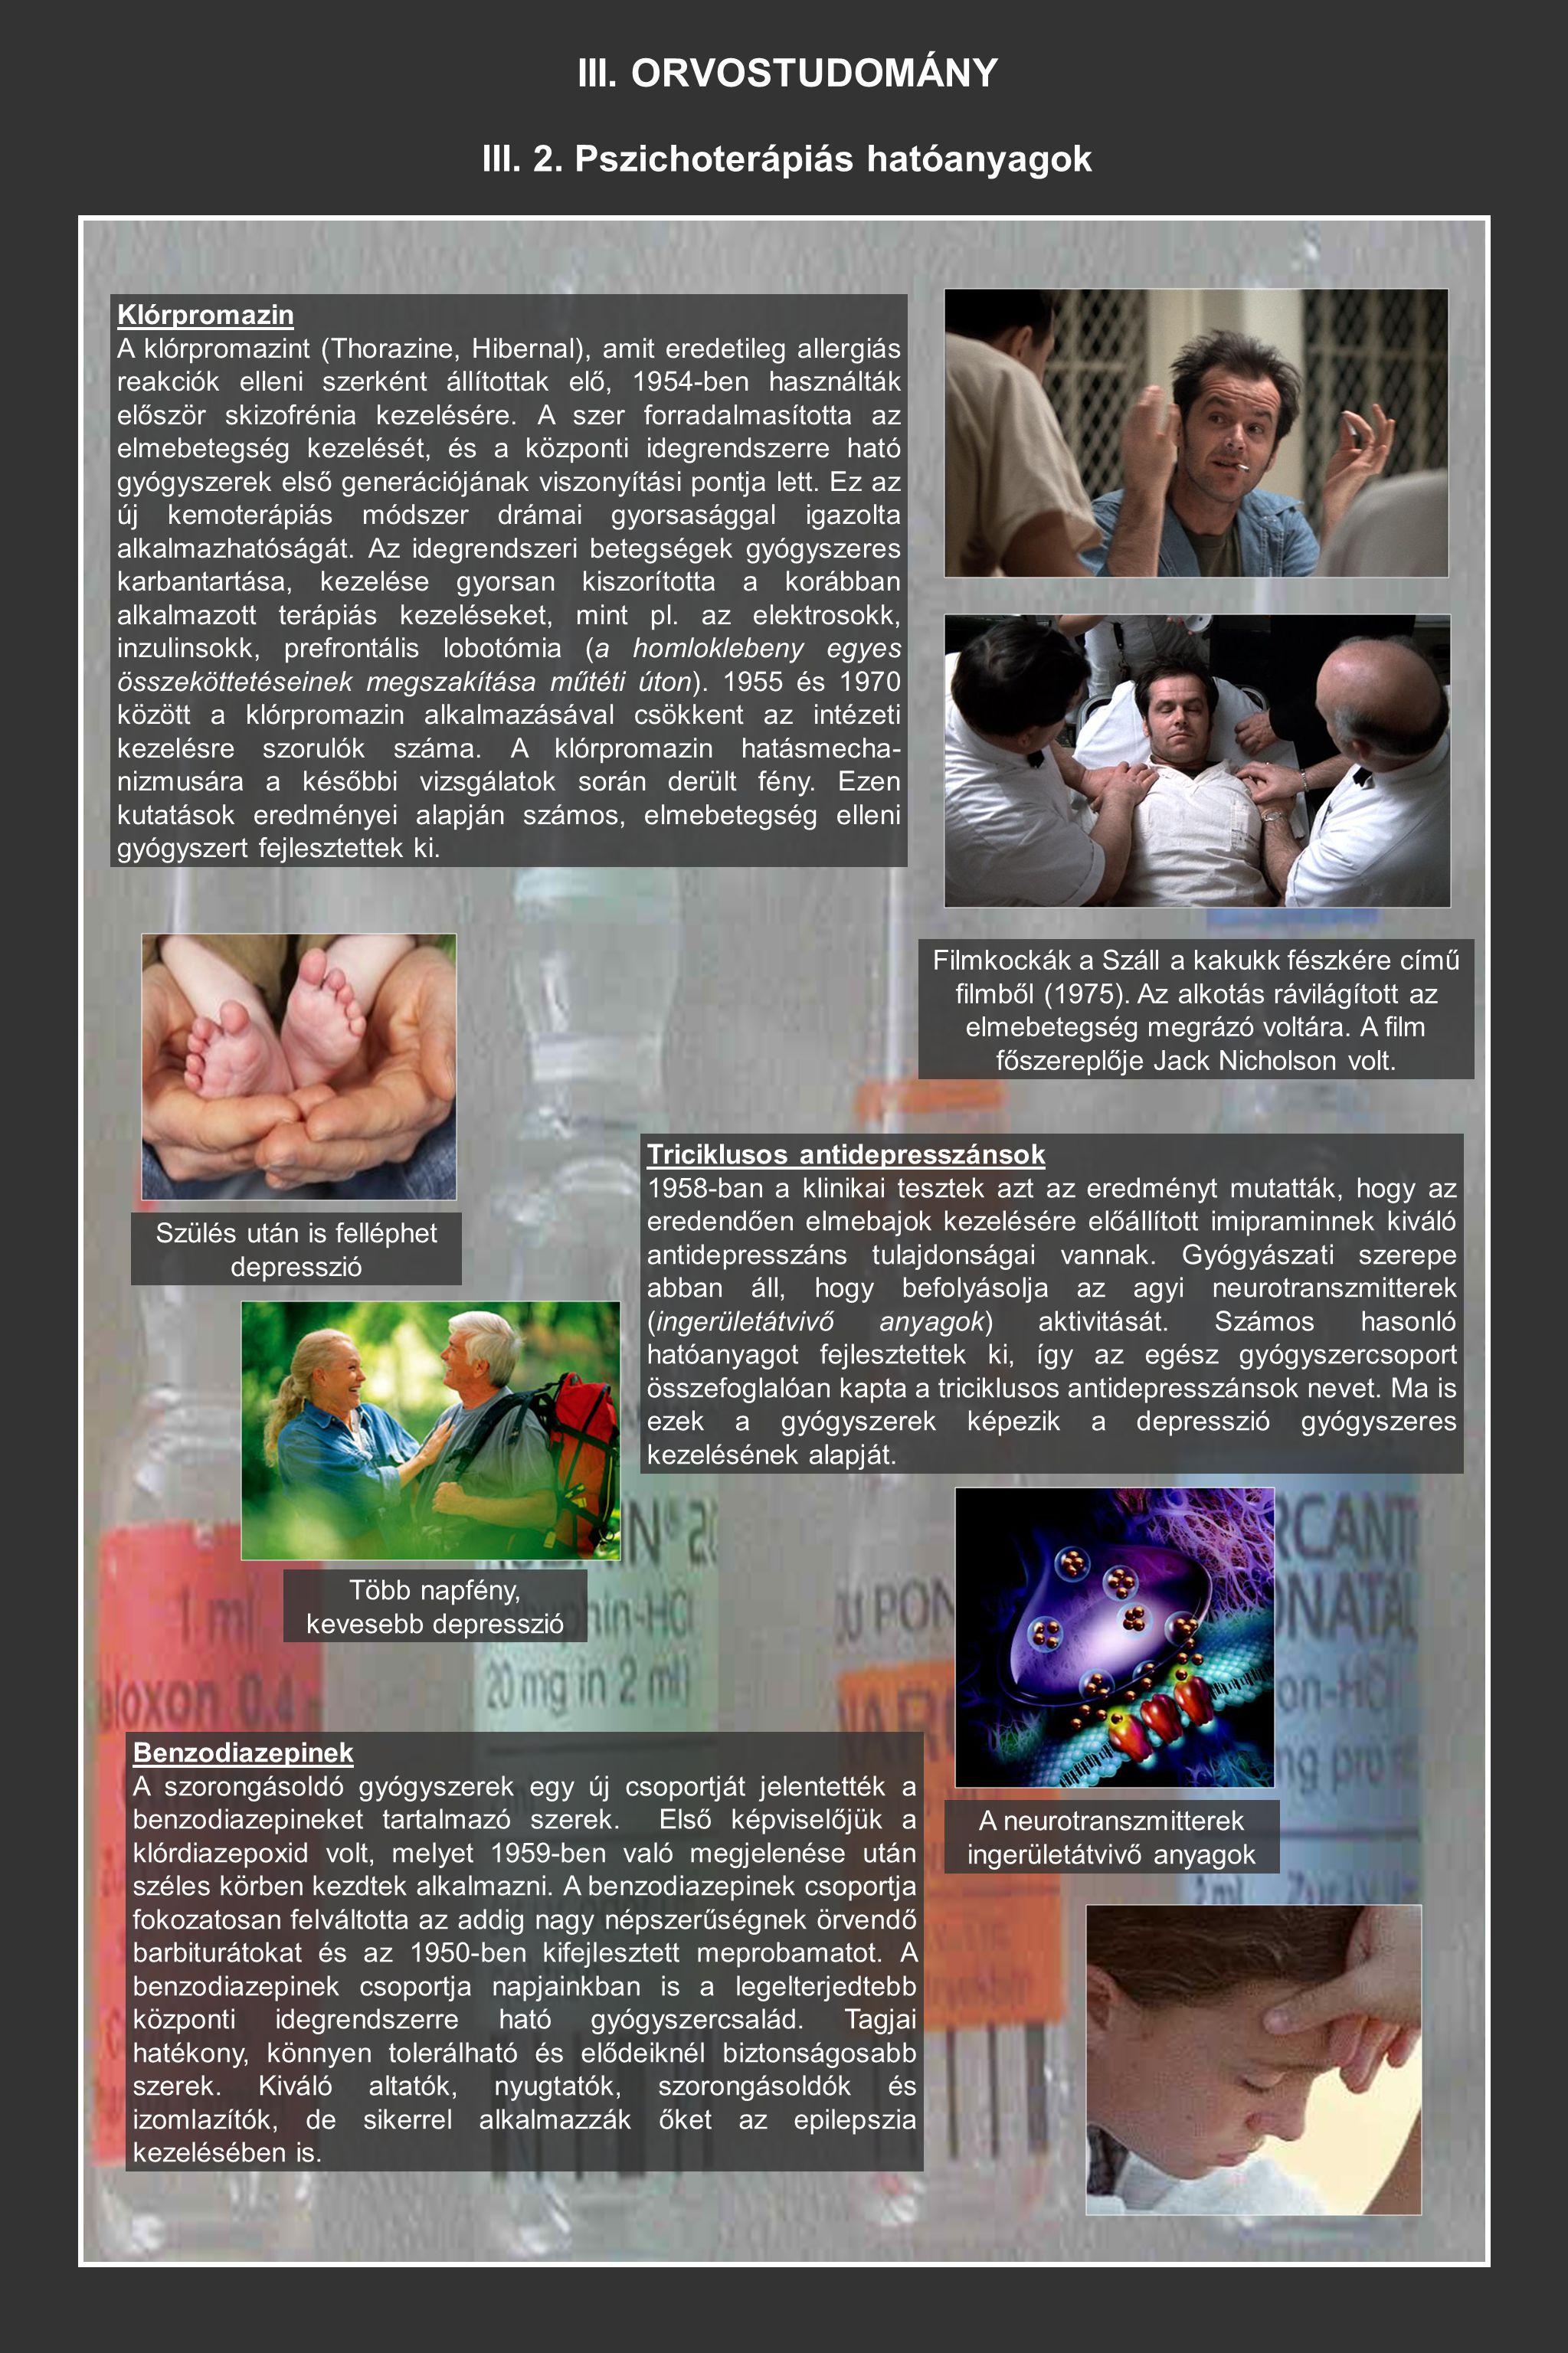 III. ORVOSTUDOMÁNY III. 2. Pszichoterápiás hatóanyagok Klórpromazin A klórpromazint (Thorazine, Hibernal), amit eredetileg allergiás reakciók elleni s